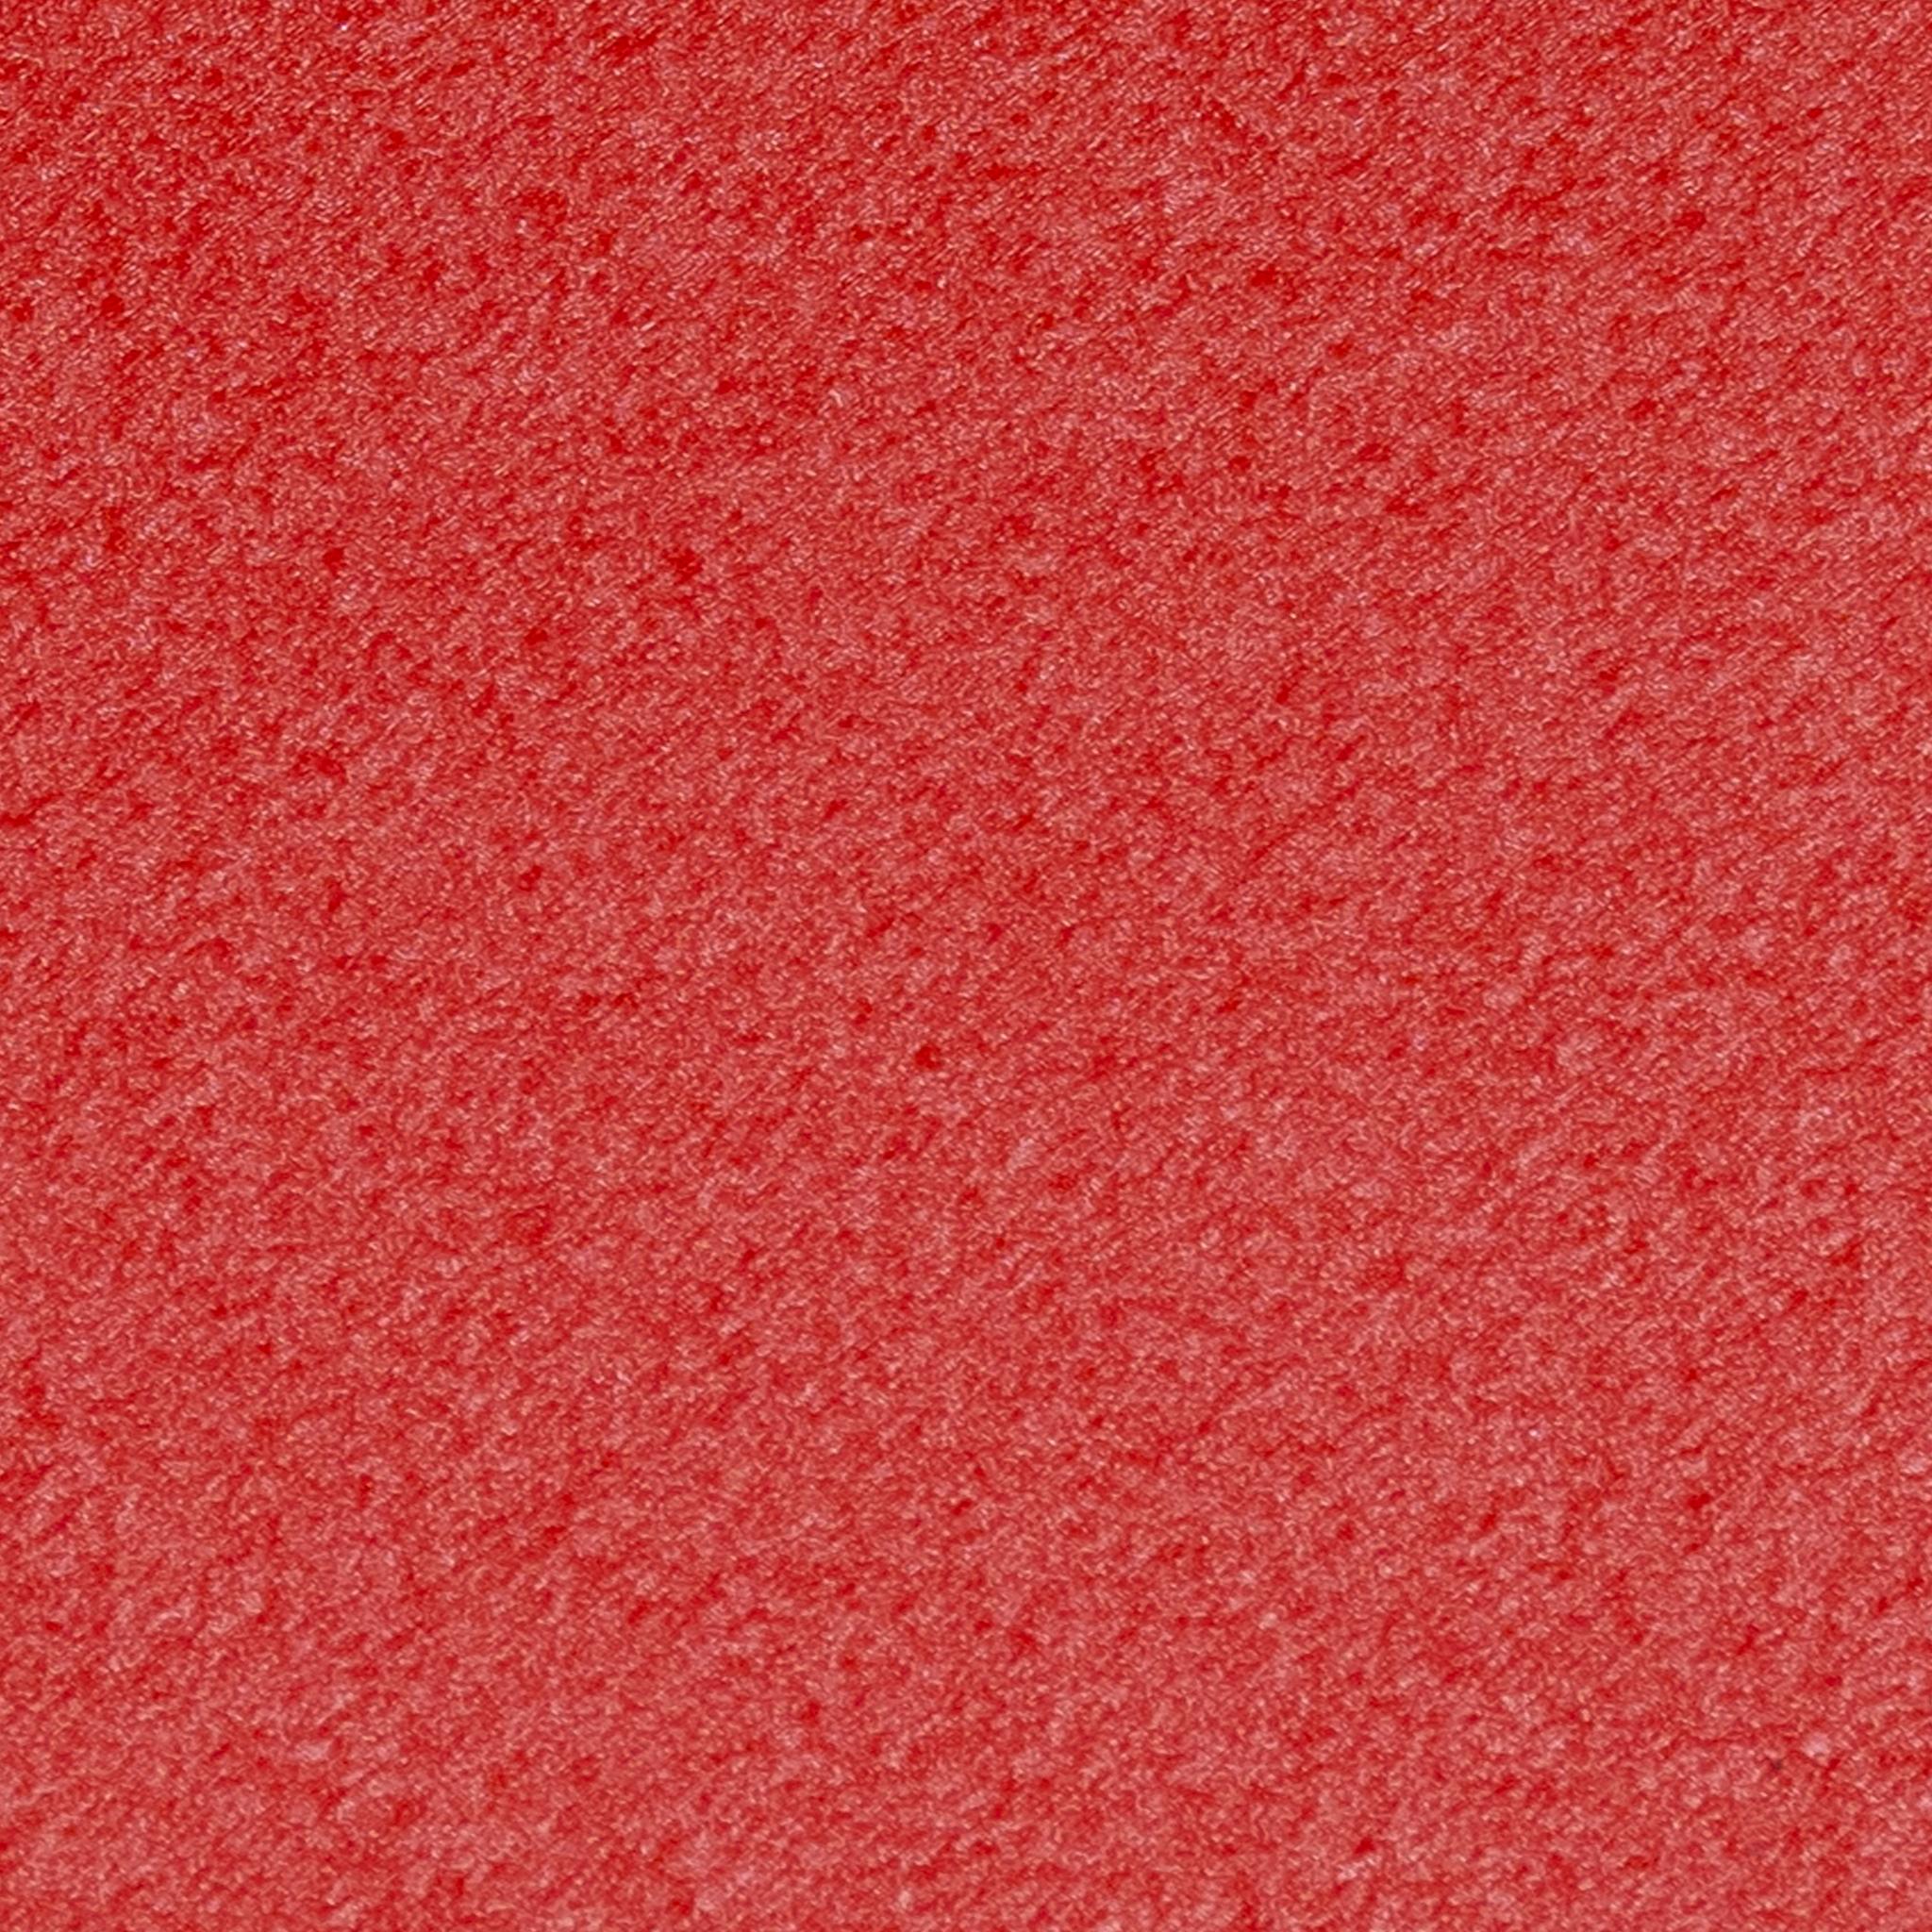 desert-red.jpg